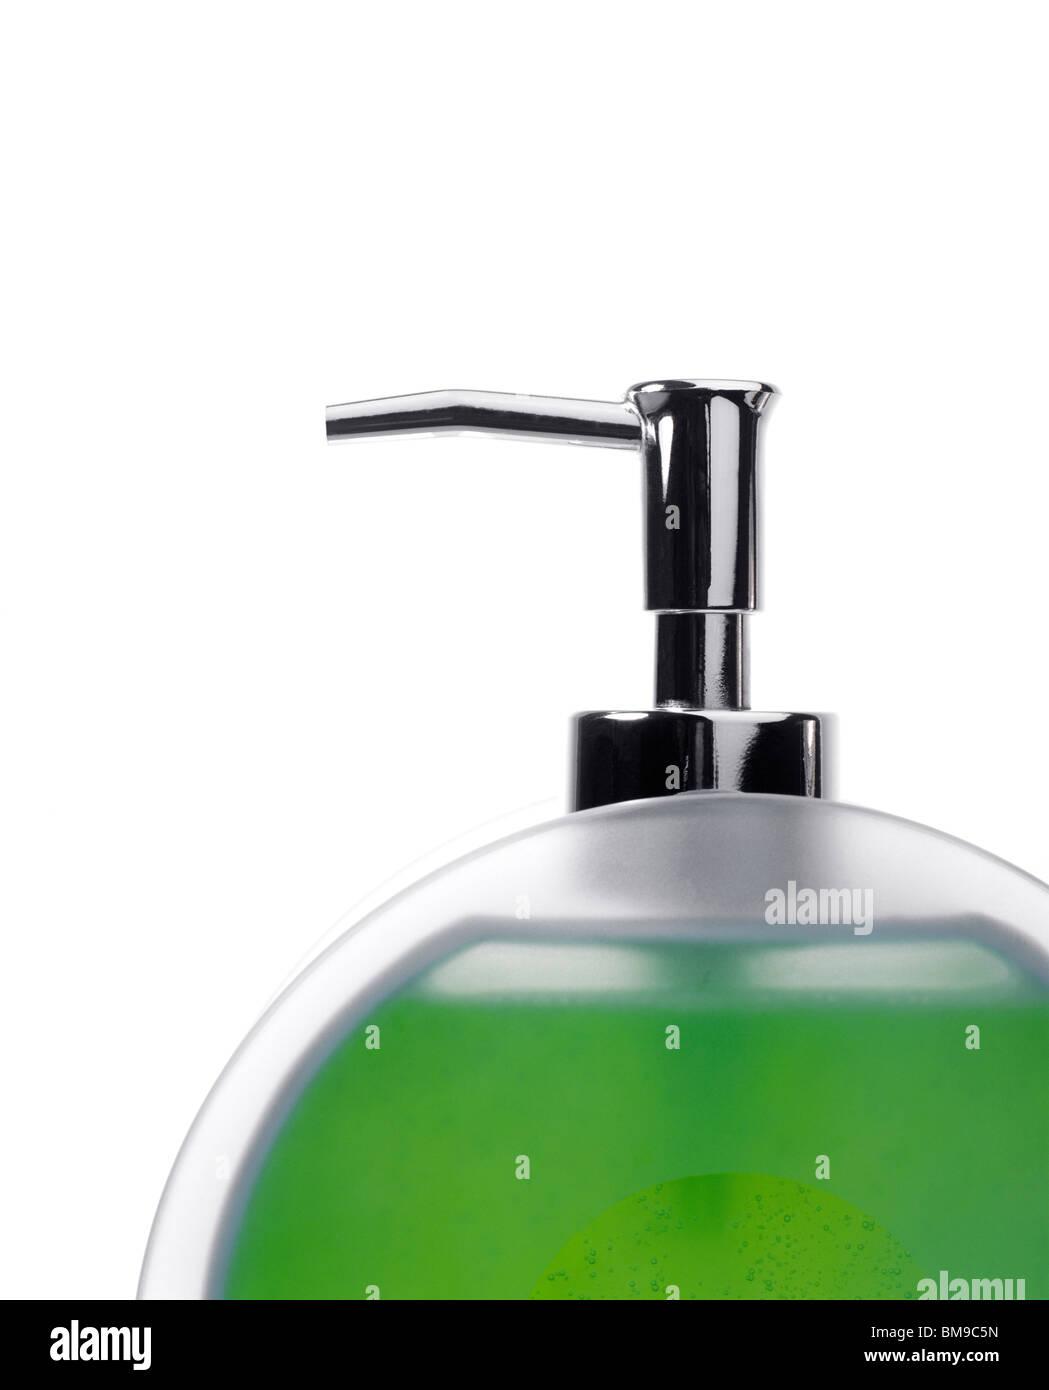 Distributeur de pompe avec du savon liquide vert Photo Stock